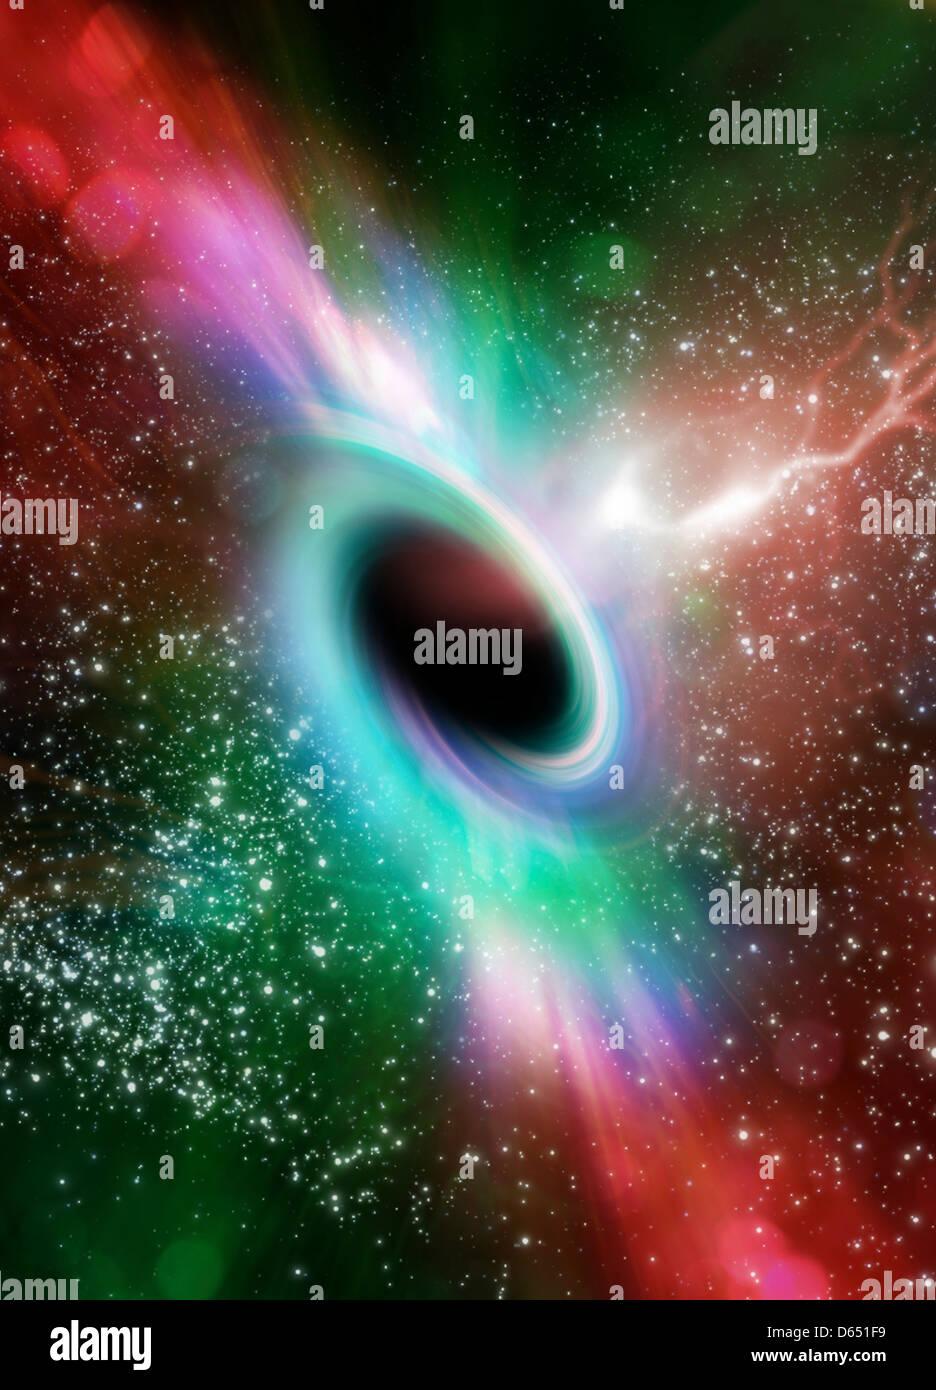 Black hole, artwork - Stock Image